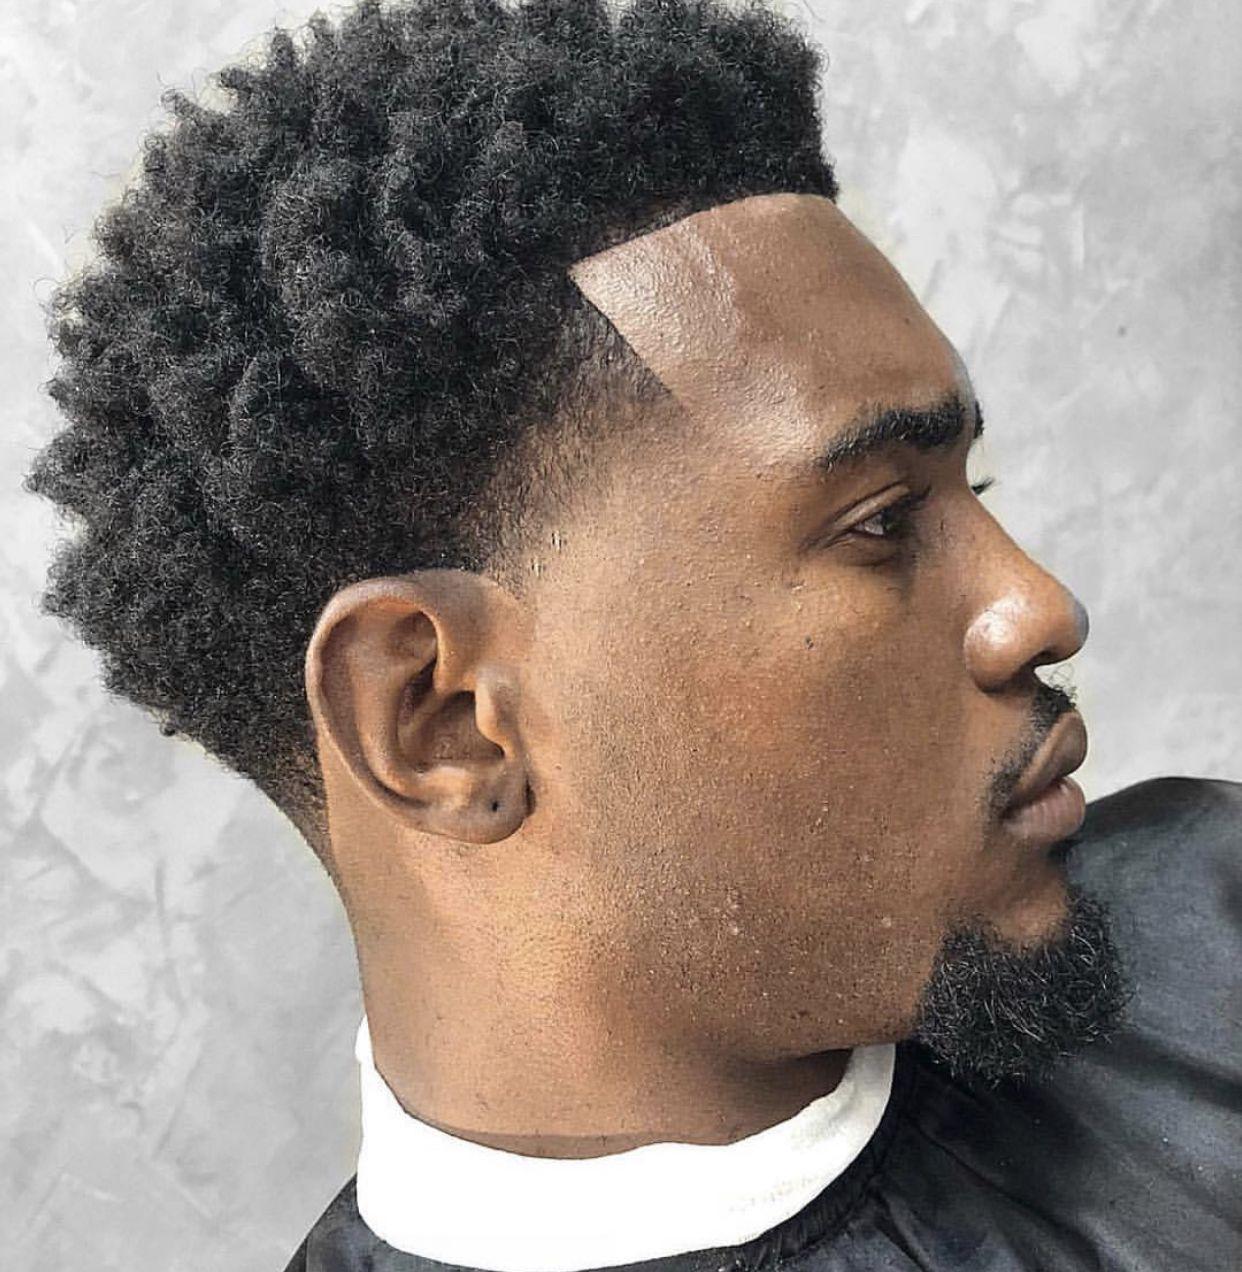 Cut hair hair long man photograph shaved video